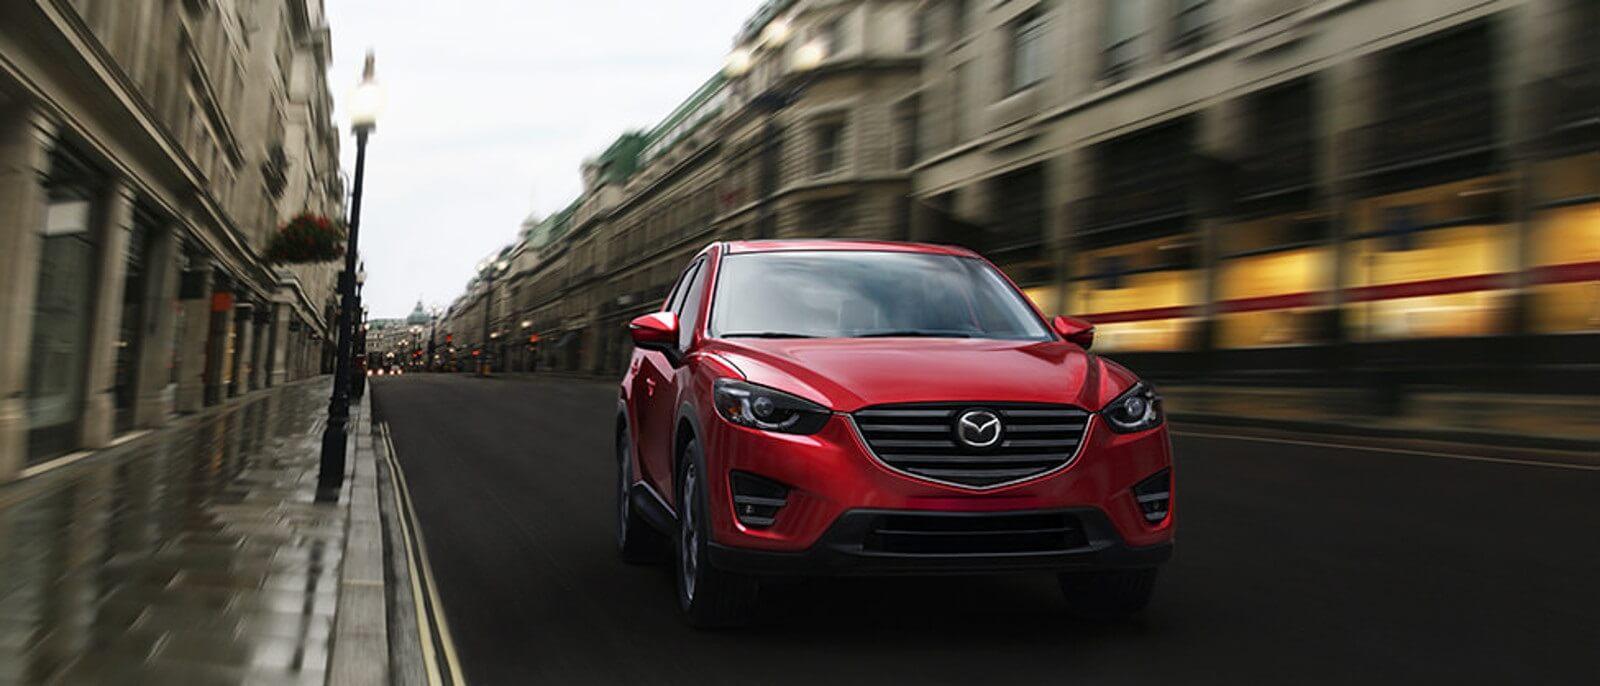 2016-Mazda-CX-5 Red